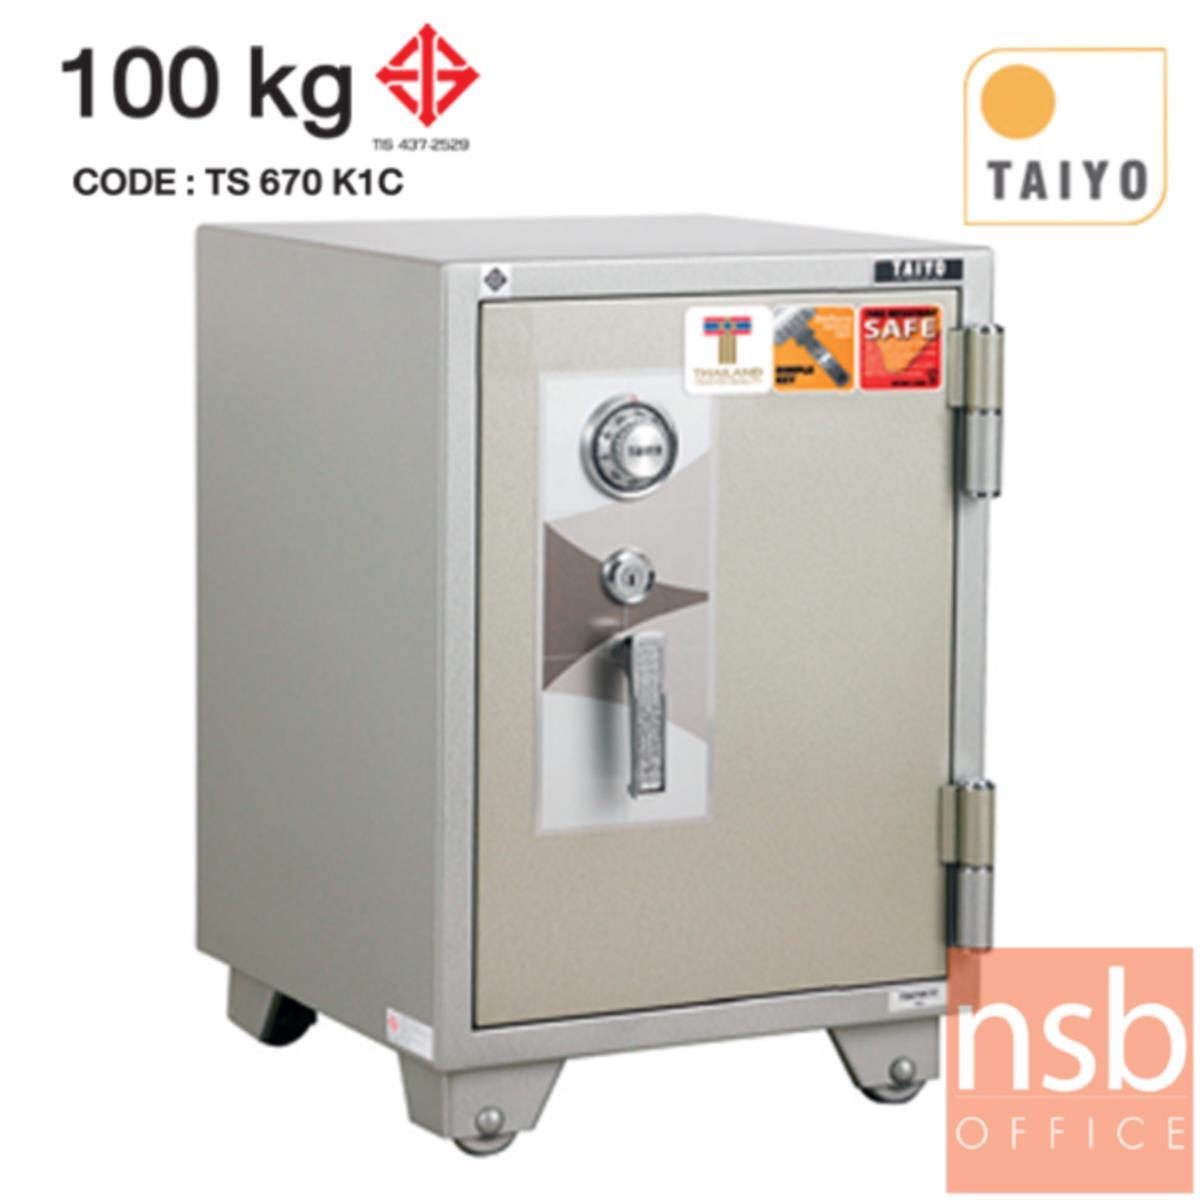 F01A007:ตู้เซฟ TAIYO 100 กก. 1 กุญแจ 1 รหัส   (TS 670 K1C มอก.)